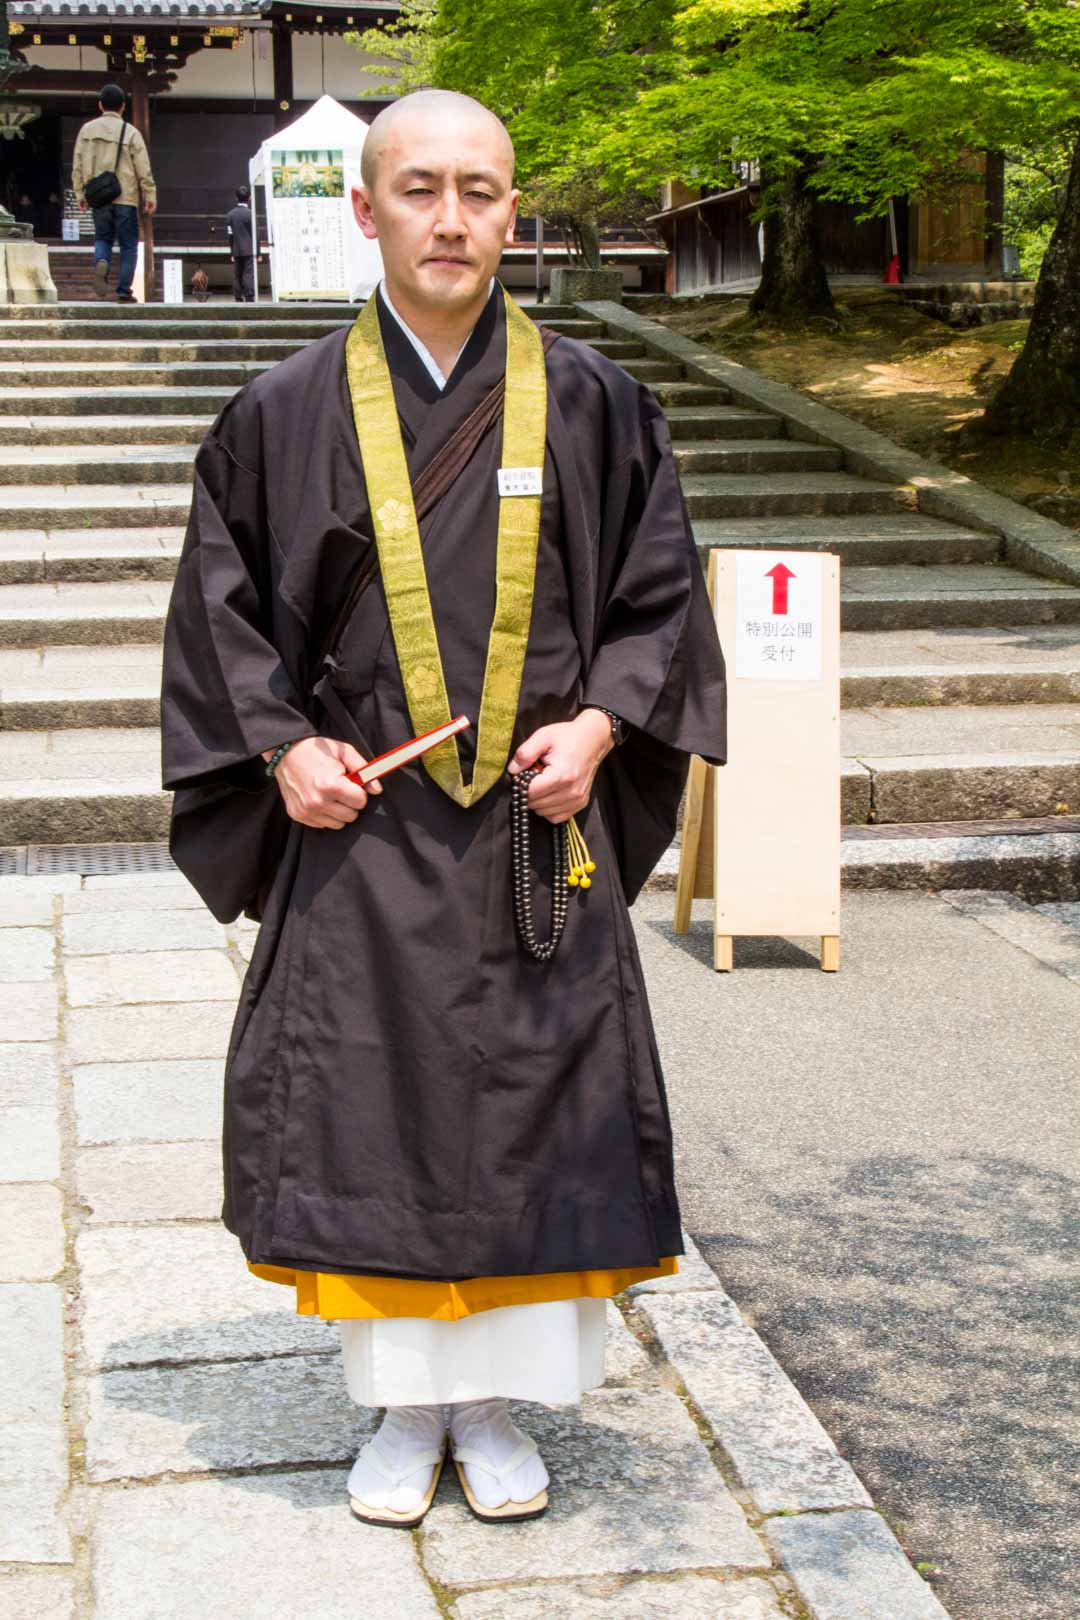 munkki Ninna-jin temppelissä Kiotossa Japanissa